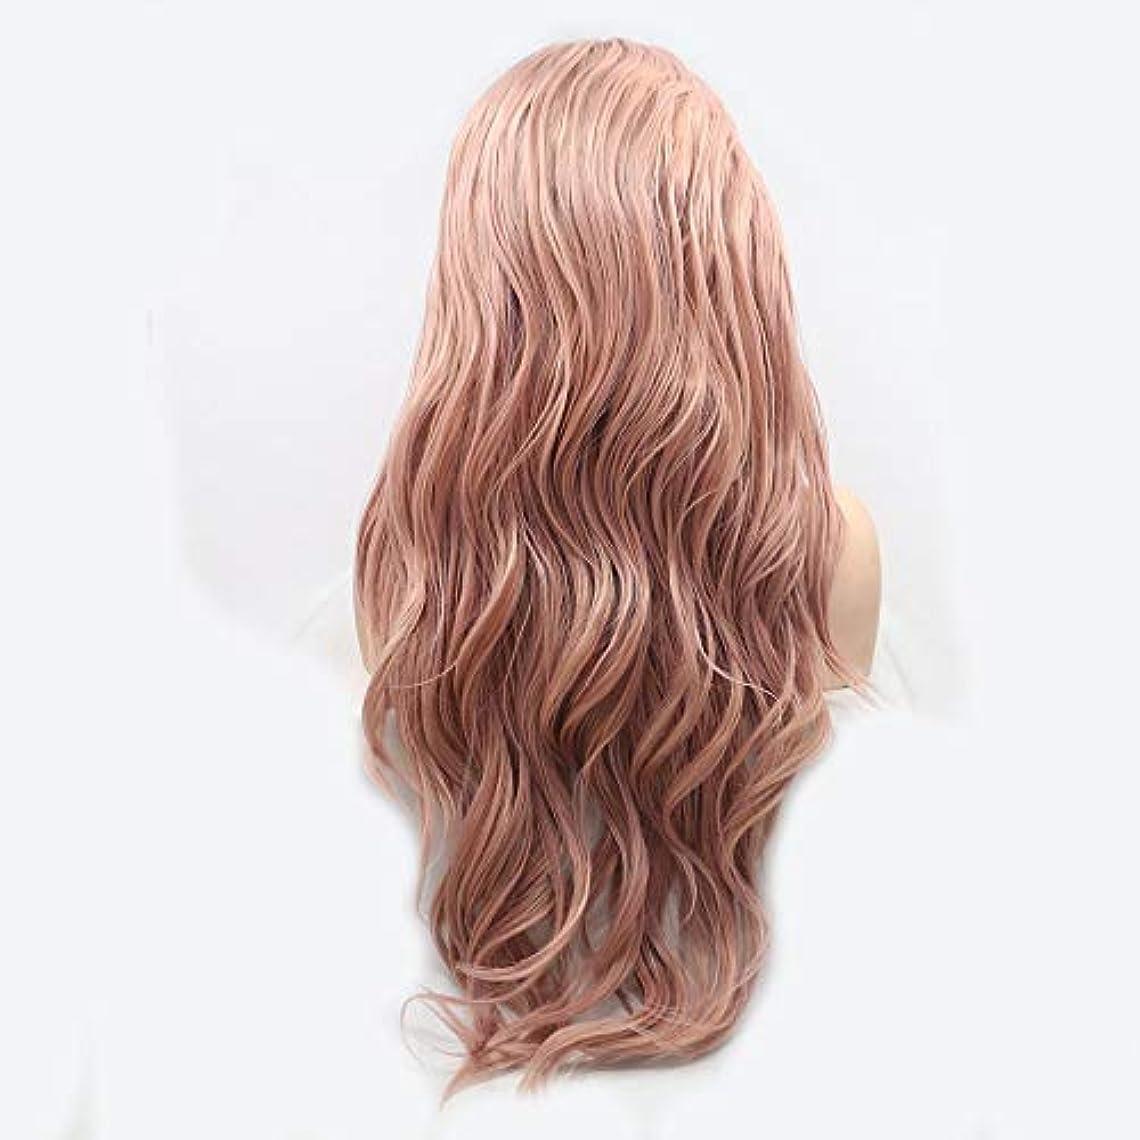 アーティファクト横にフェードHAILAN HOME-かつら ピンクのグラデーションイオンホットForesightful髪カーリーヘアウィッグレディース手作りのレースのヨーロッパとアメリカのウィッグセットウィッグセットナチュラルグラフィック換気